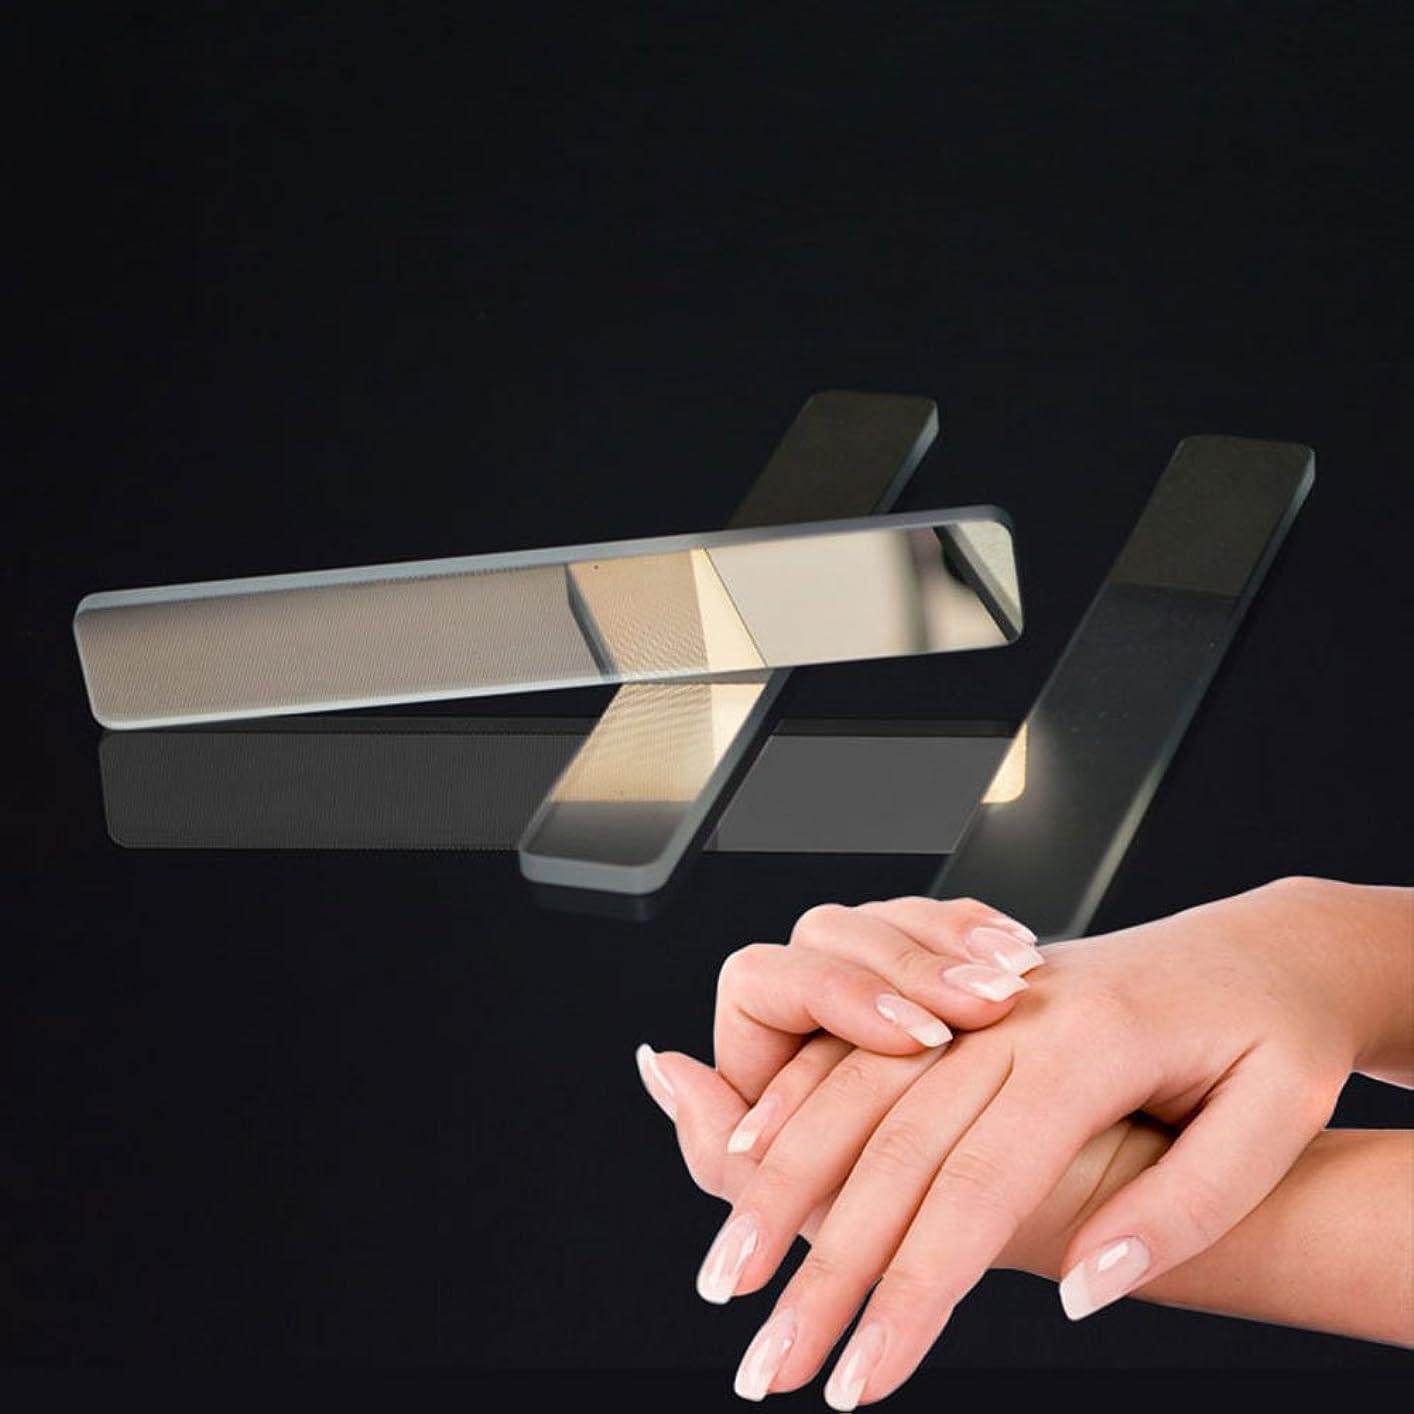 止まるシーフード意外爪やすり WUUDI 爪磨き ガラス爪ヤスリ ネイルファイル ネイルシャイナー つめケア ガラス製 ネイルケア 甘皮処理 (白)